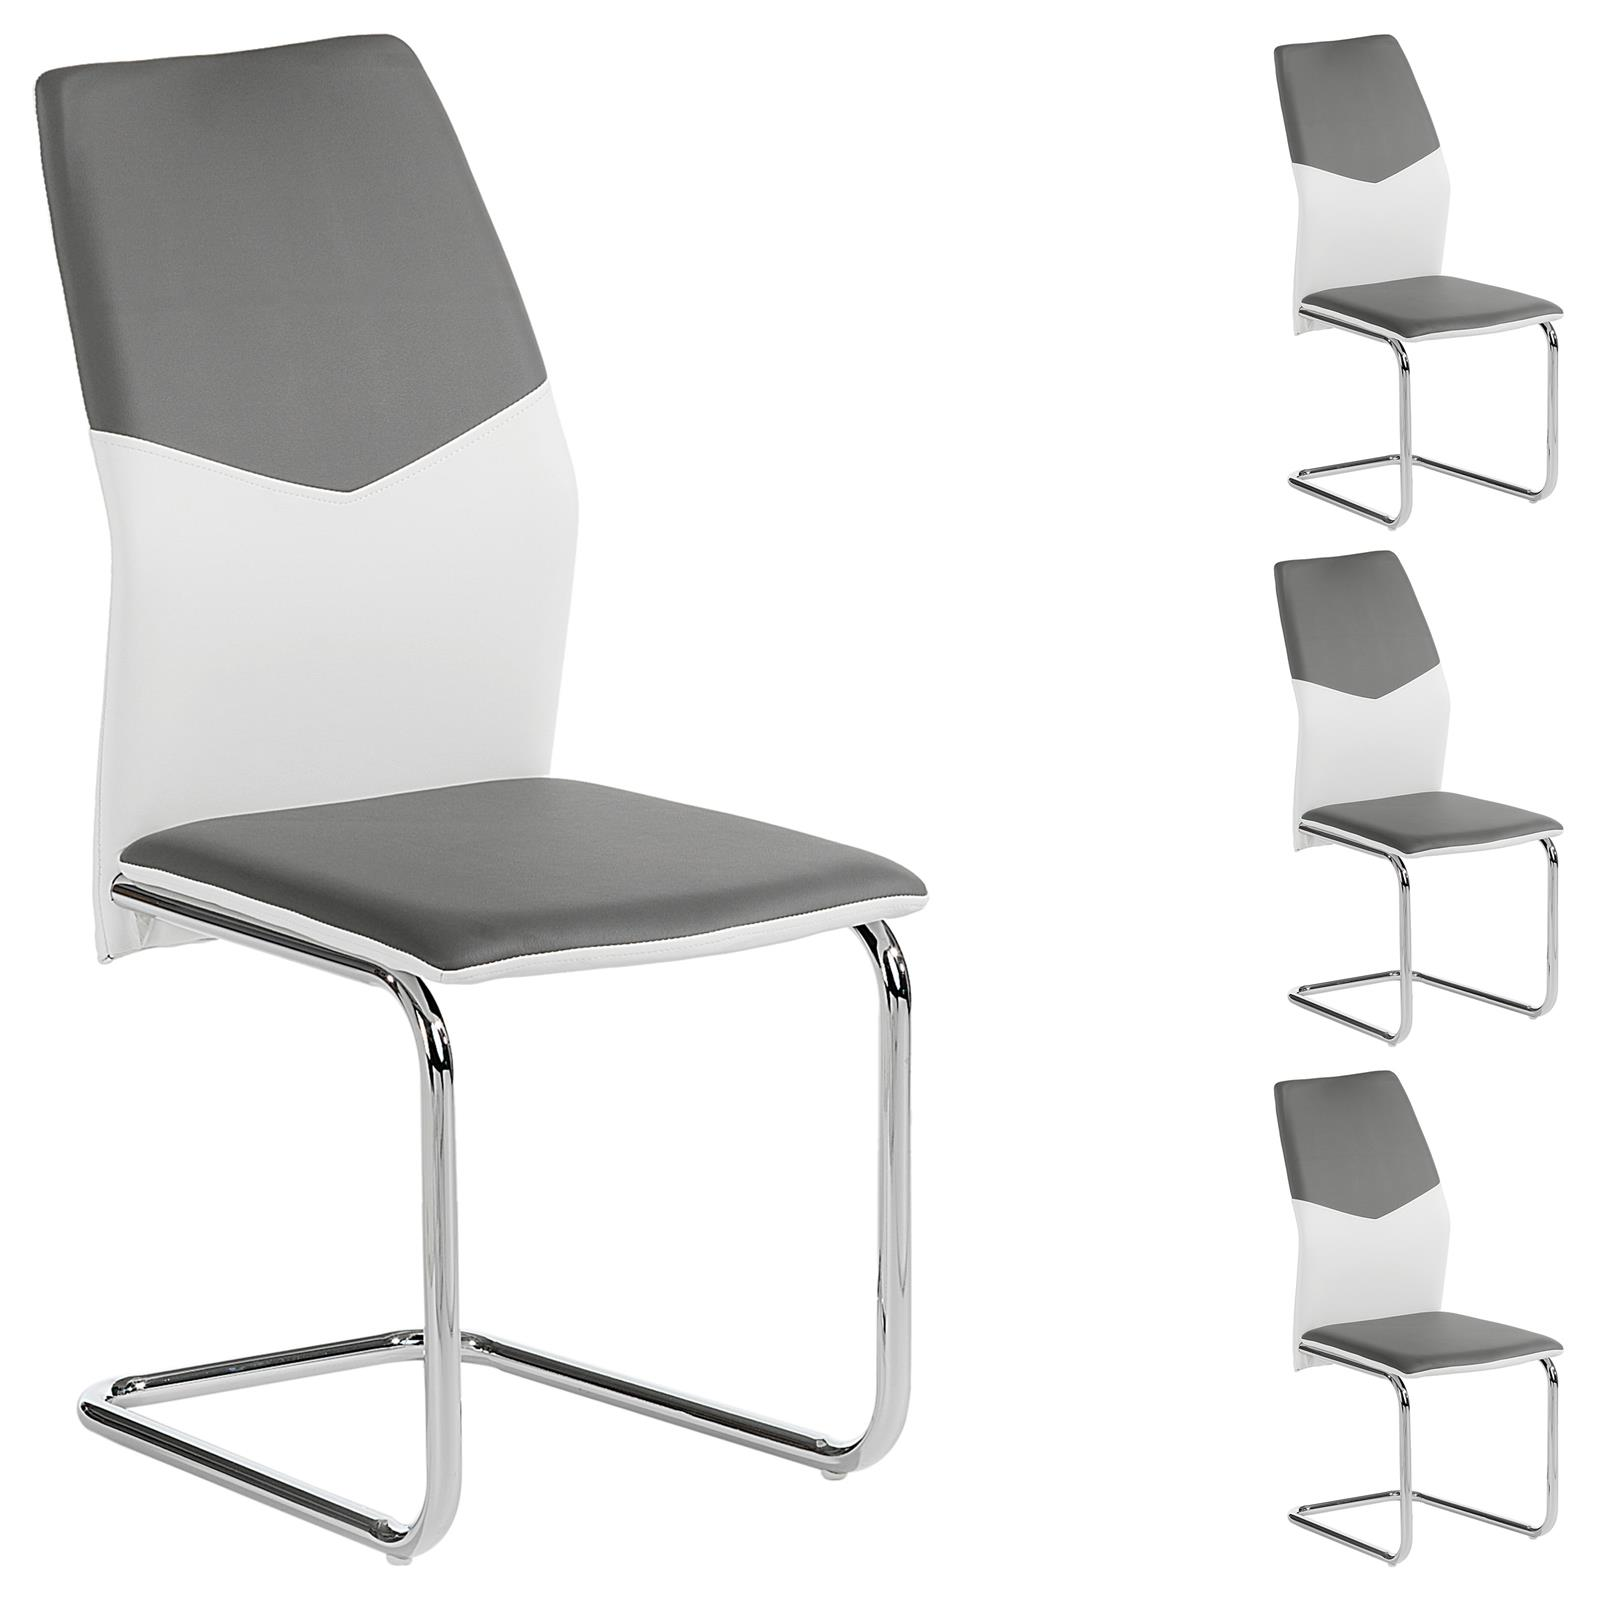 schwingstuhl esszimmerstuhl freischwinger 4er set in 6. Black Bedroom Furniture Sets. Home Design Ideas